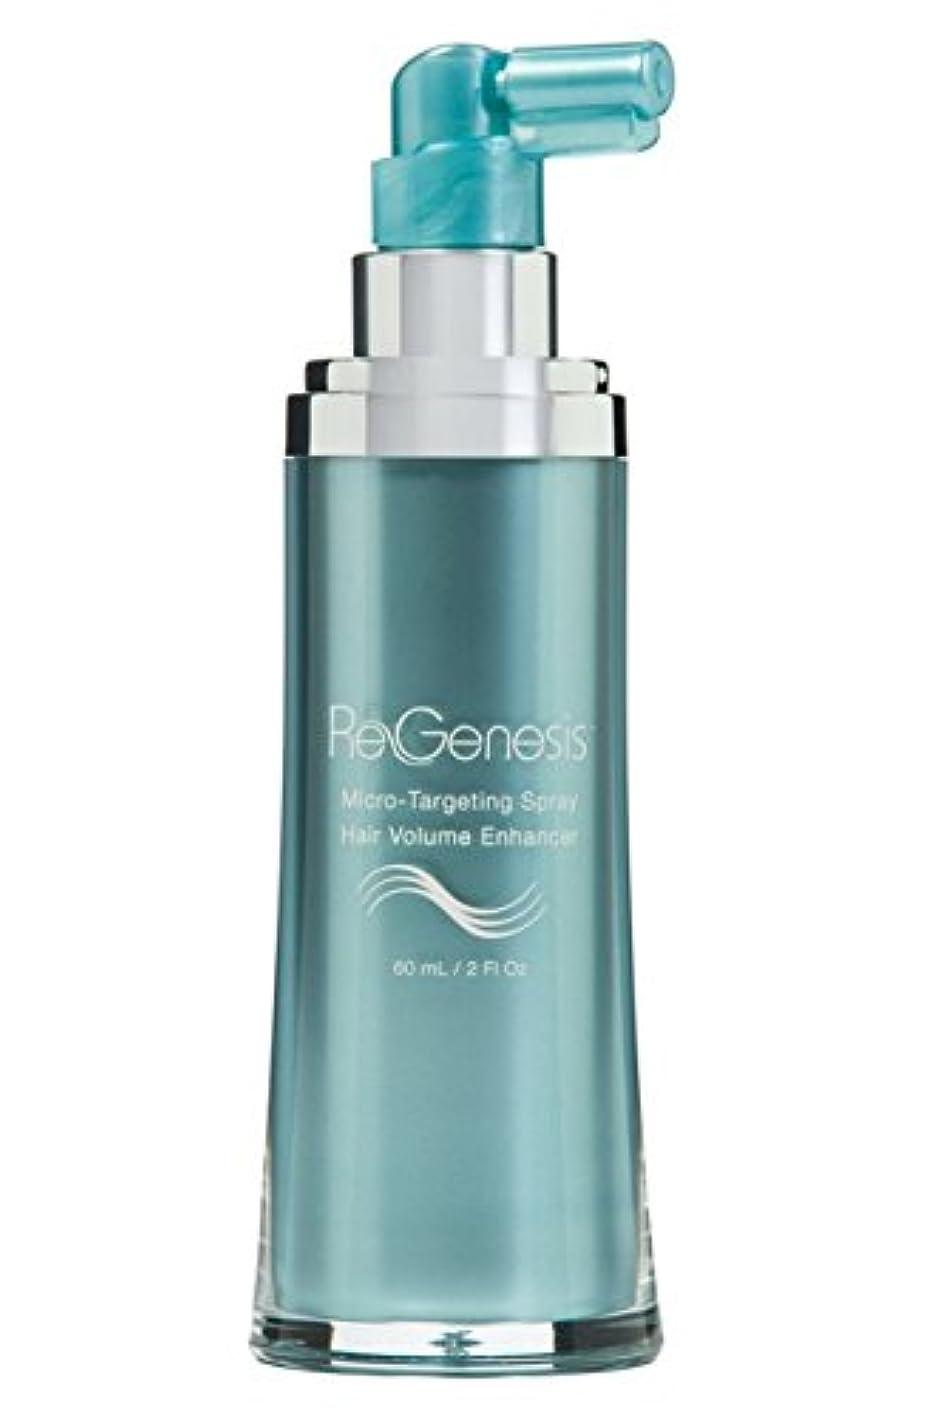 リバイタラッシュの新しいブランド REGENESISリジェネシス Micro-Targeting Spray Hair Volume Enhancer [並行輸入品]